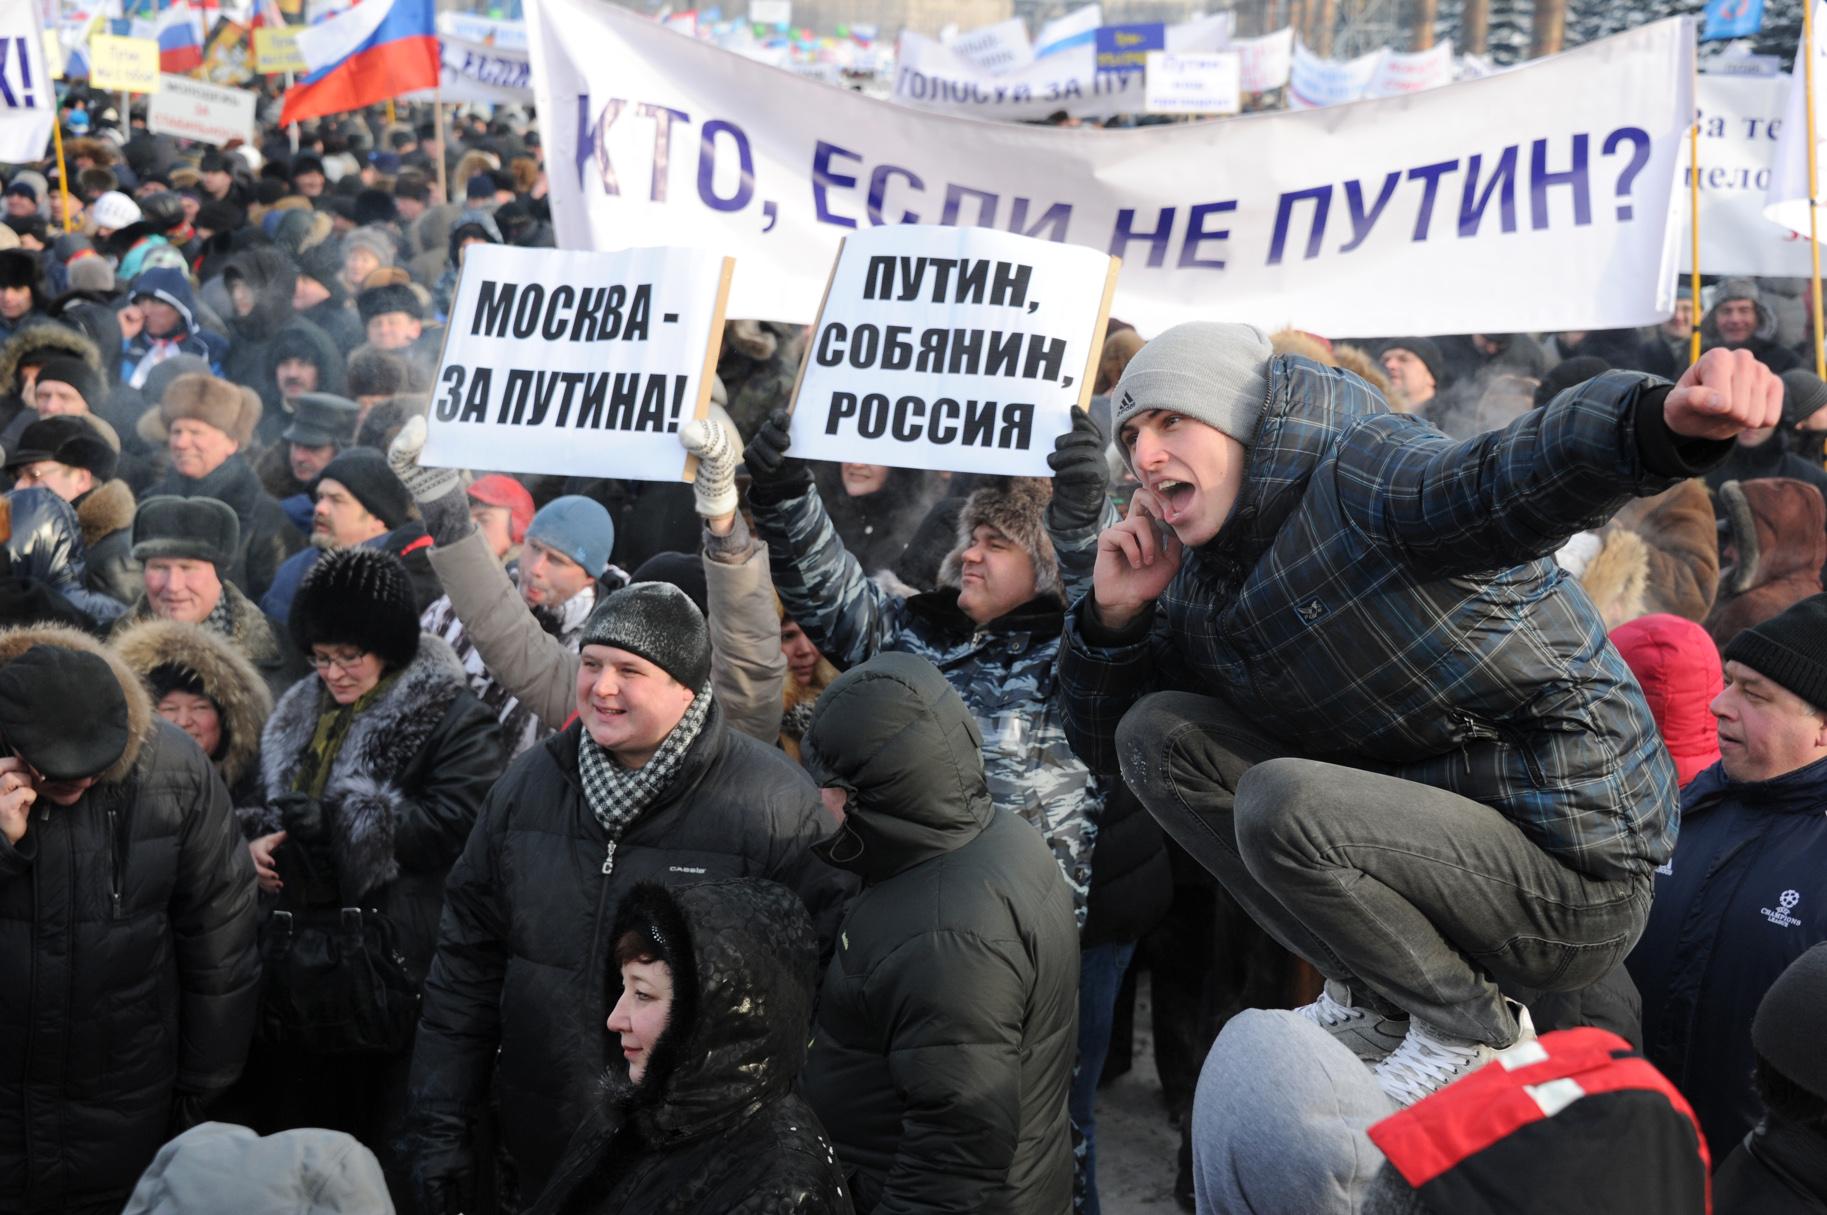 СМИ России рейтинг Путина в крупных городах падает  BBC